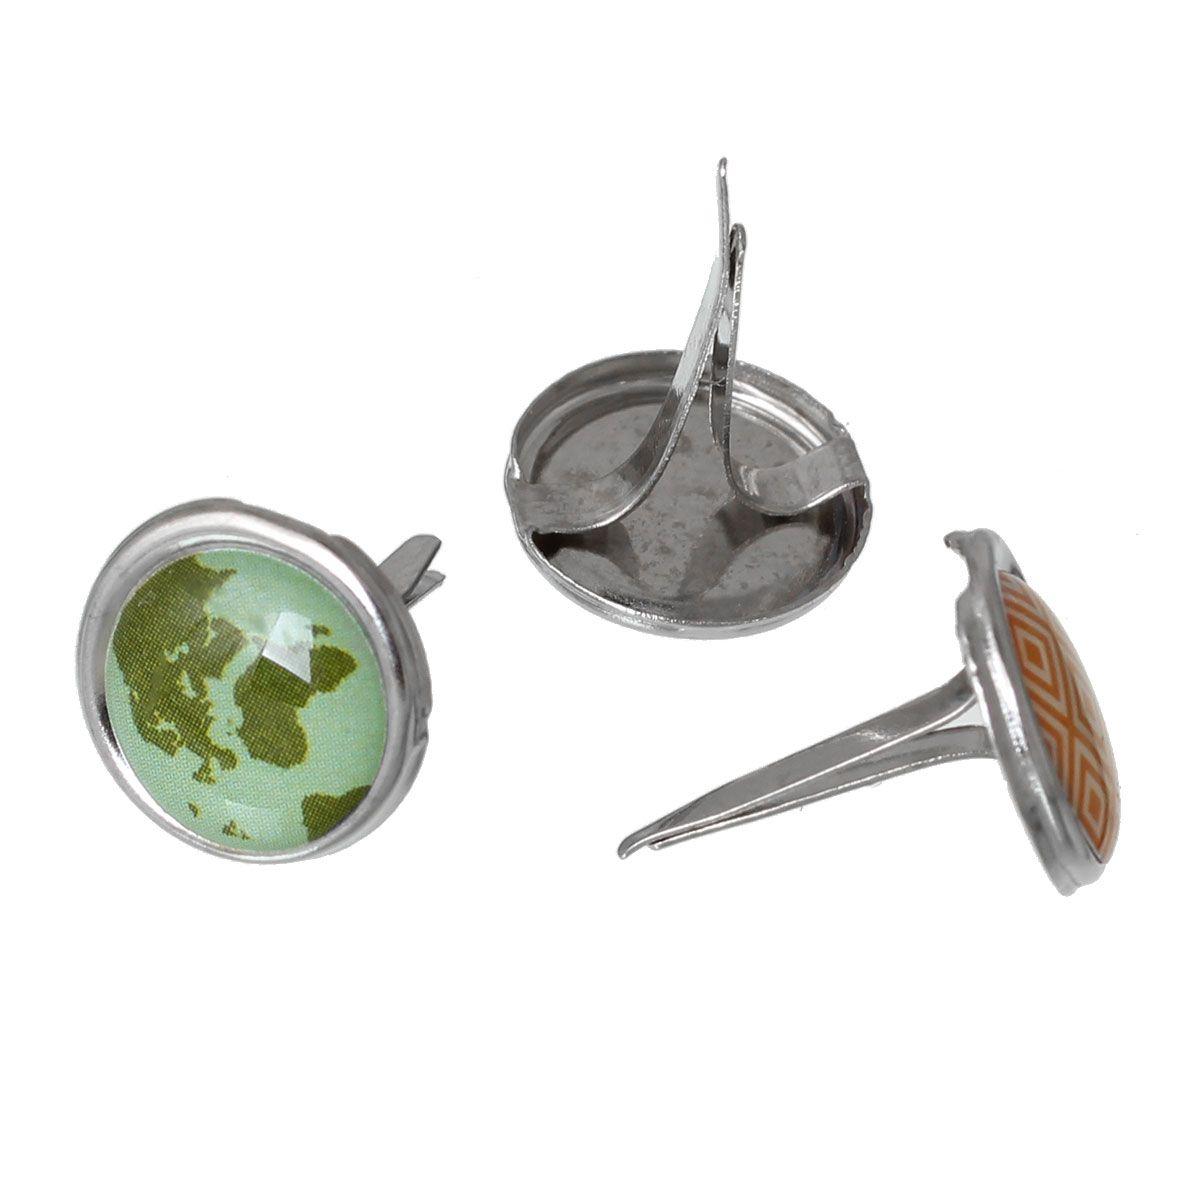 20 Adet Rastgele Renk Yuvarlak Metal Inci Sütyenler Reçine Scrapbooking Bezeme DIY Takı Aksesuarları 17x12.5mm